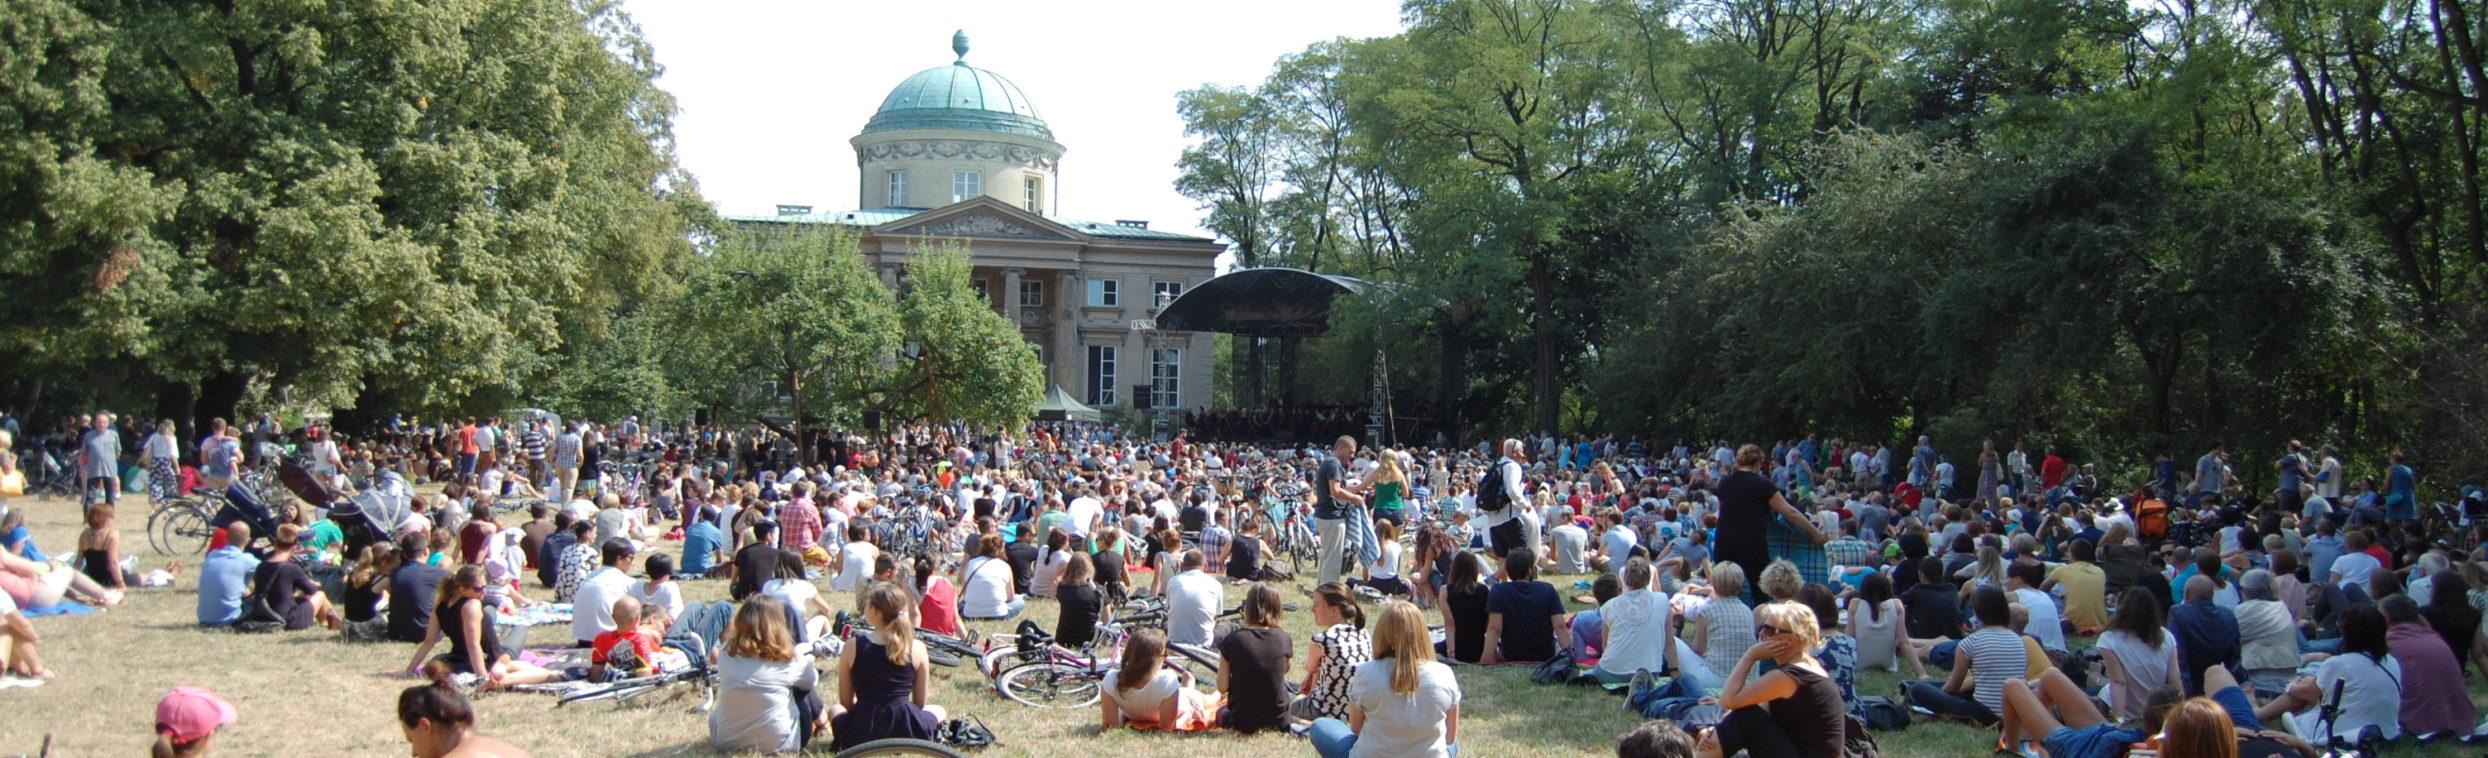 Publiczność na trawie słuchająca koncertu